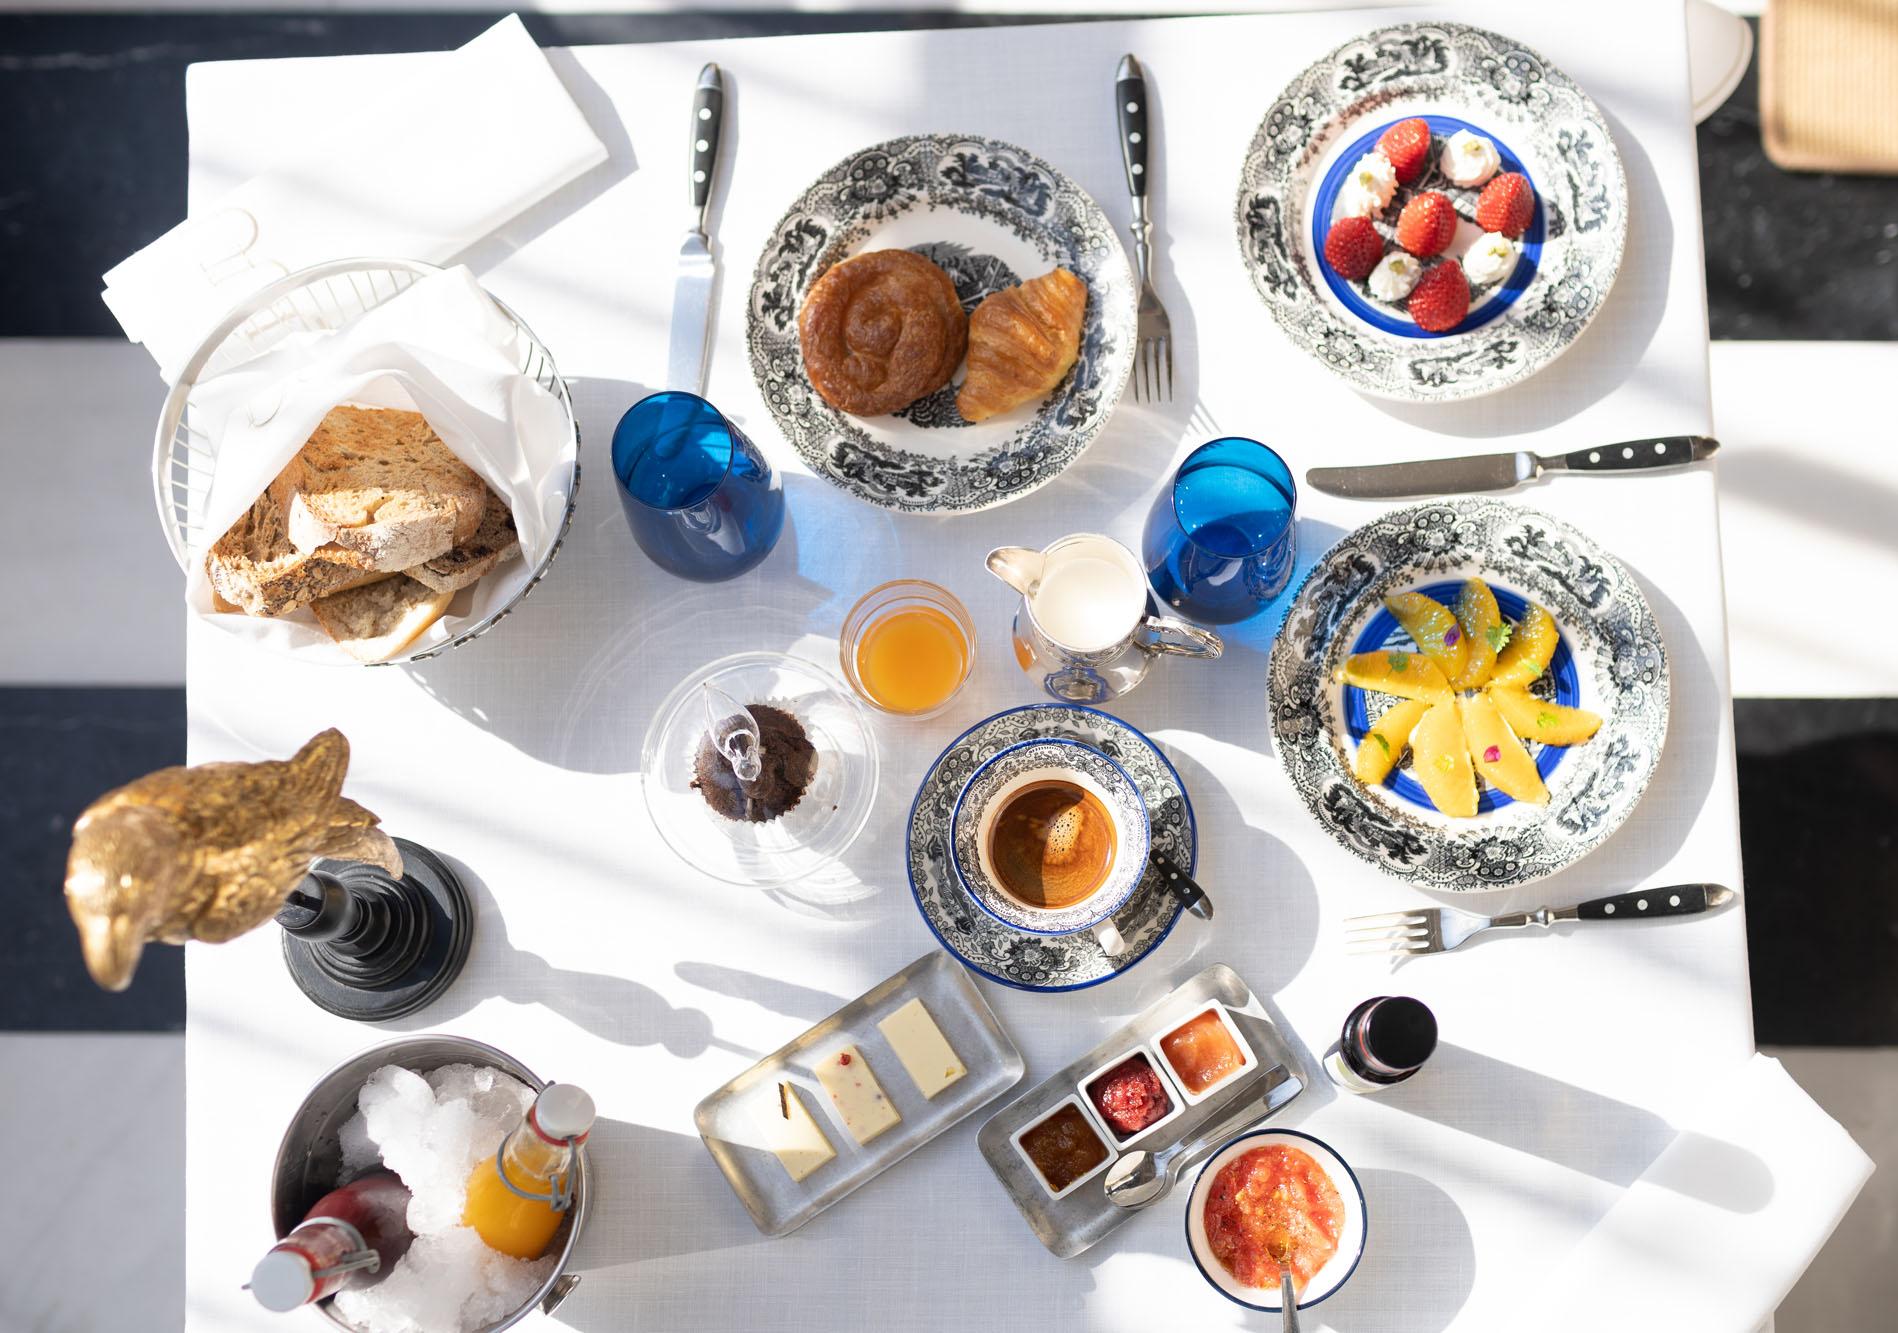 Repostería artesanal, zumos naturales, distintos tipos de pan y mantequillas caseras forman el desayuno.